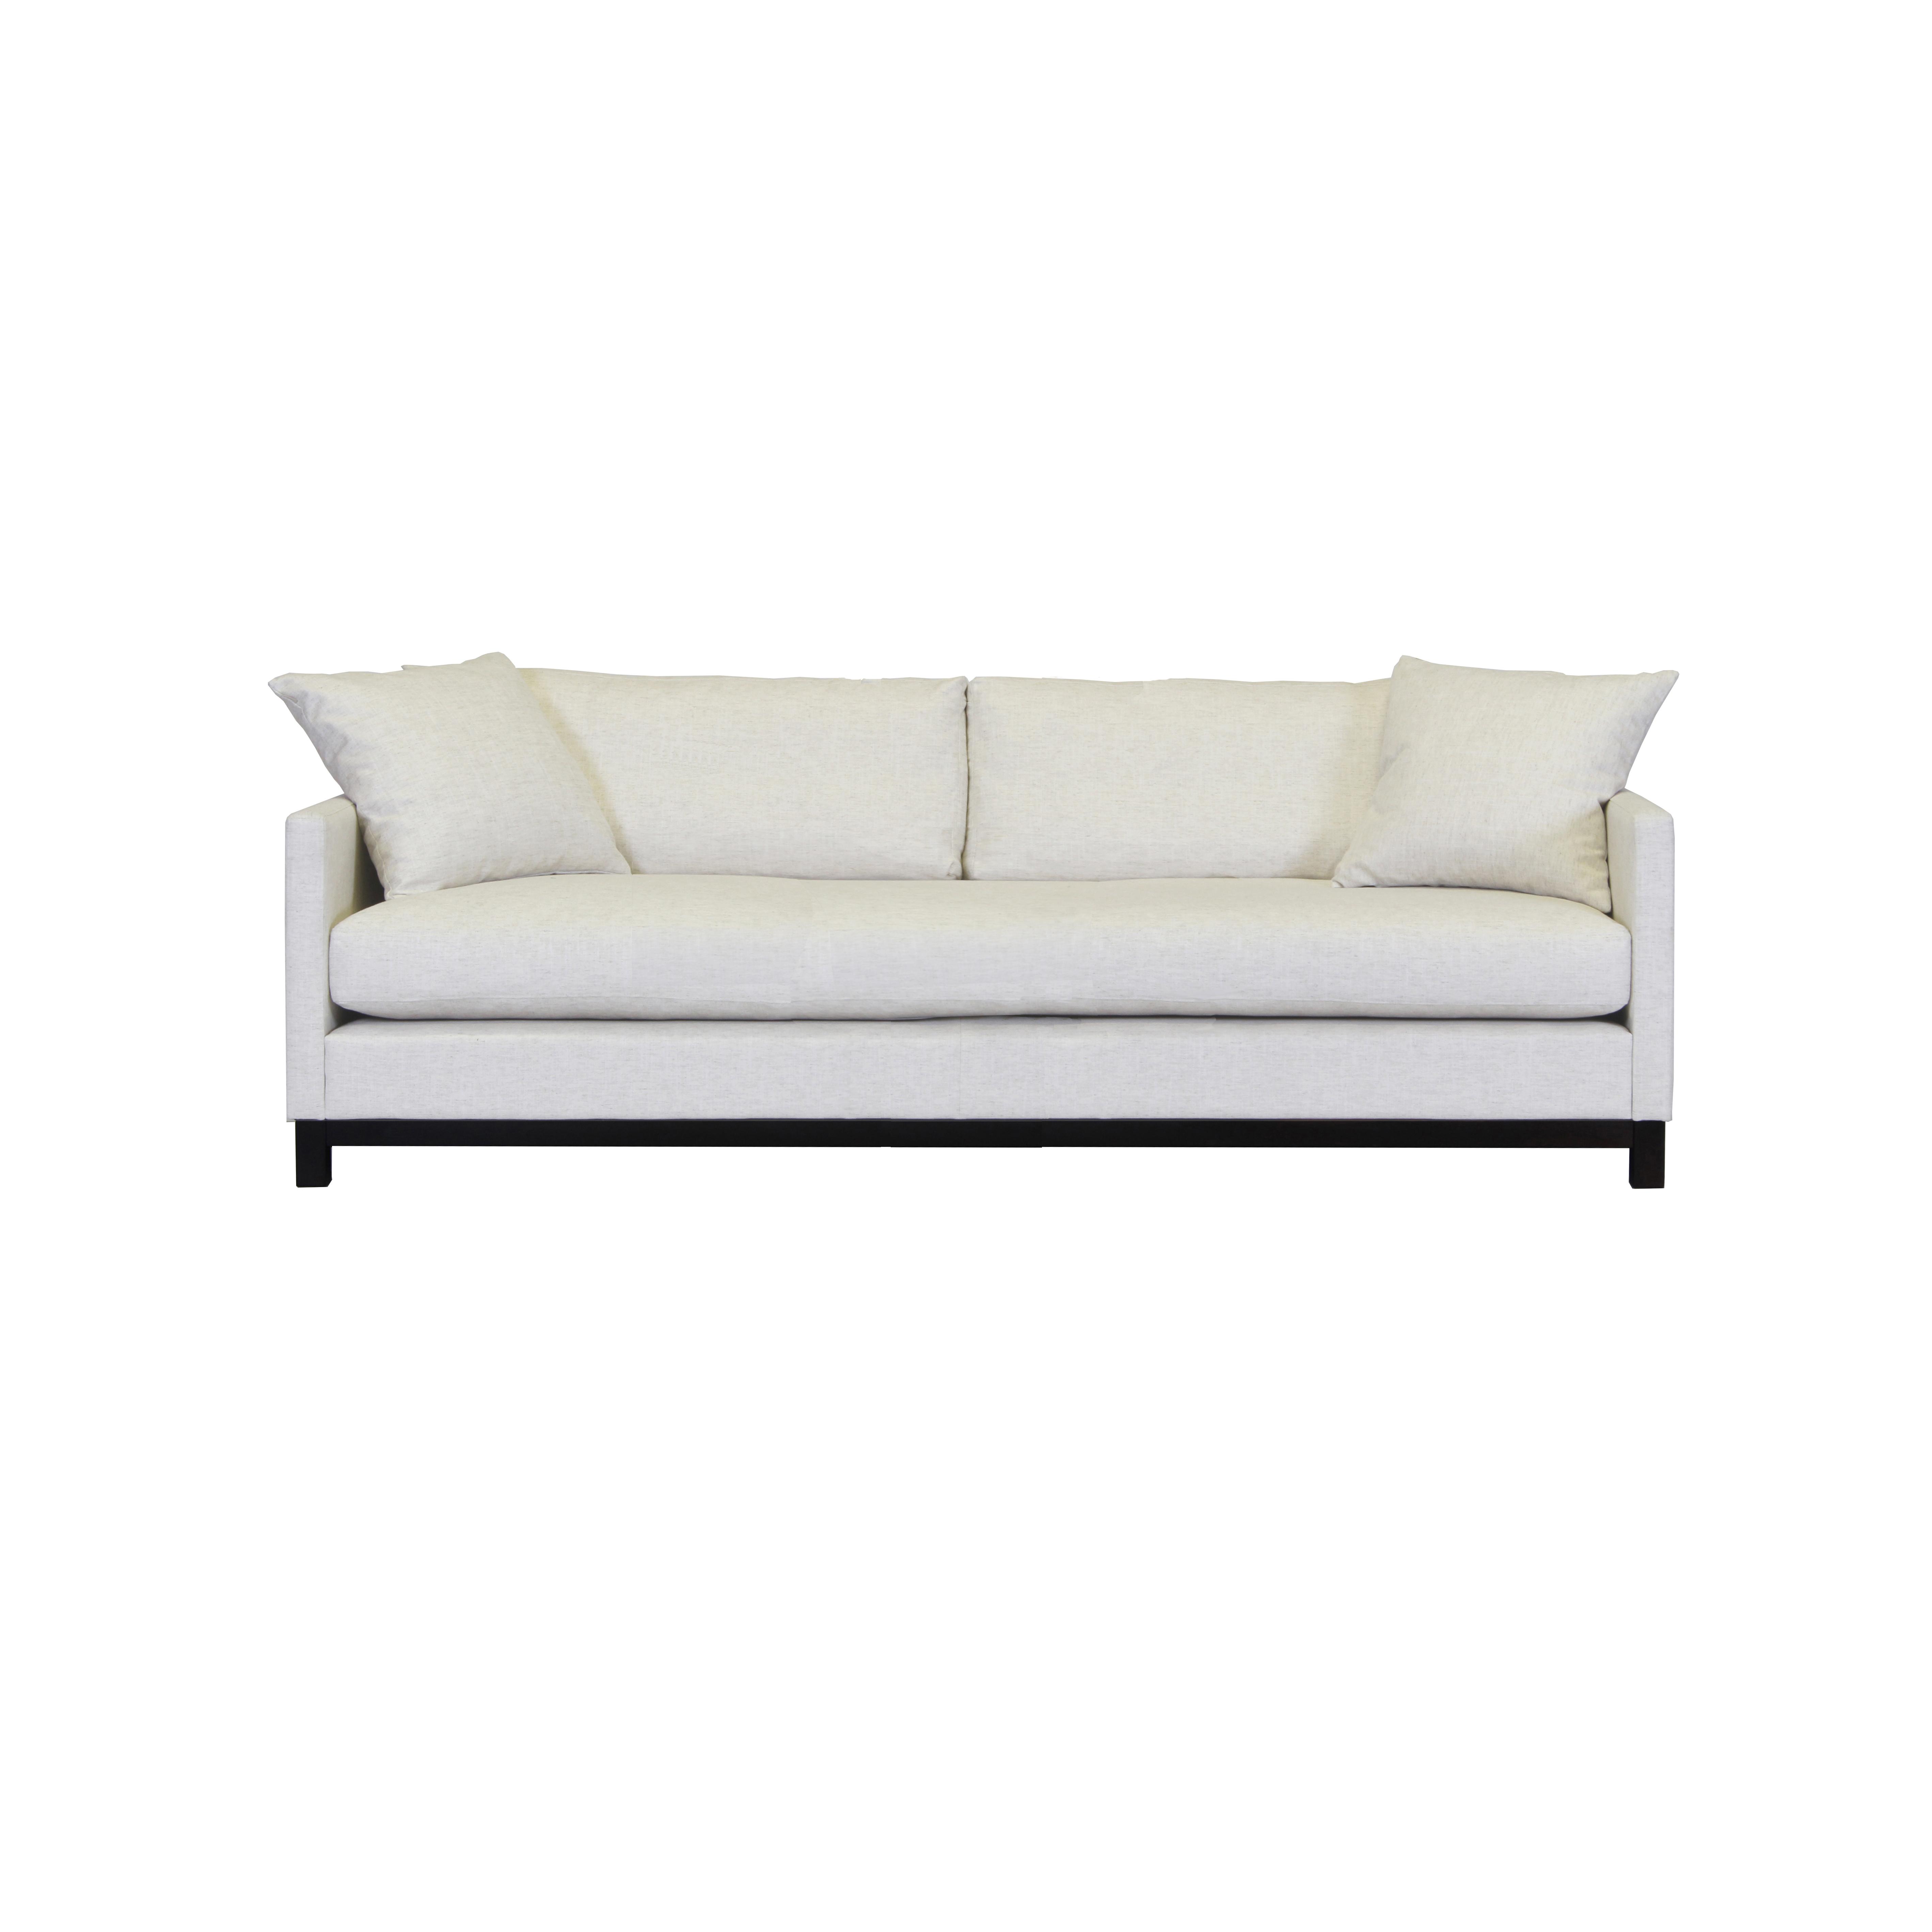 Somerville soffa 3,5-sits en sittplymå - englesson.se